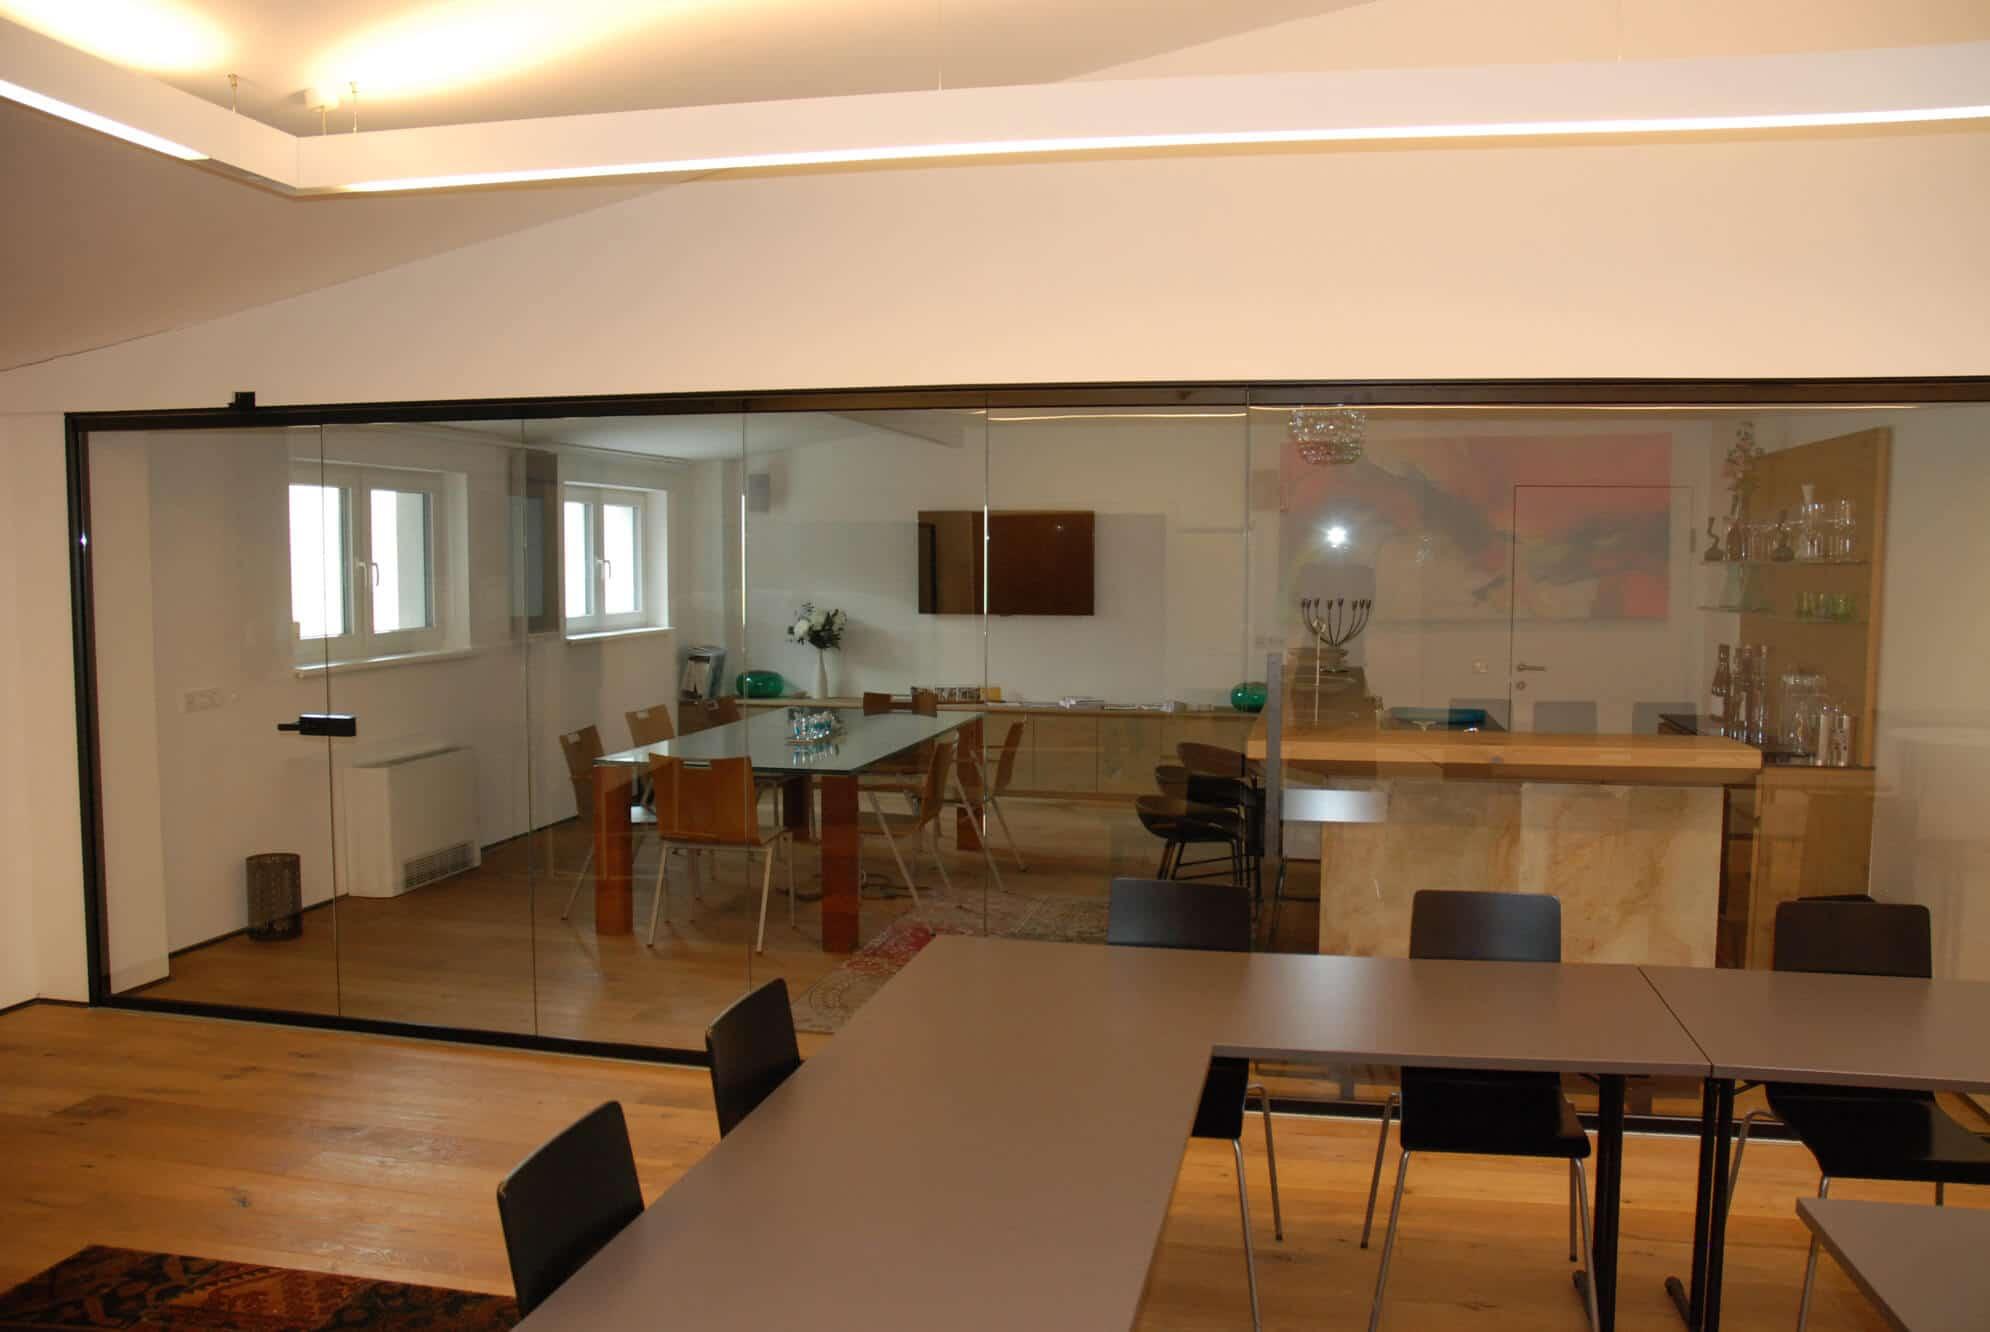 Schiebe-Dreh-System SF25 als Raumteiler aus Glas